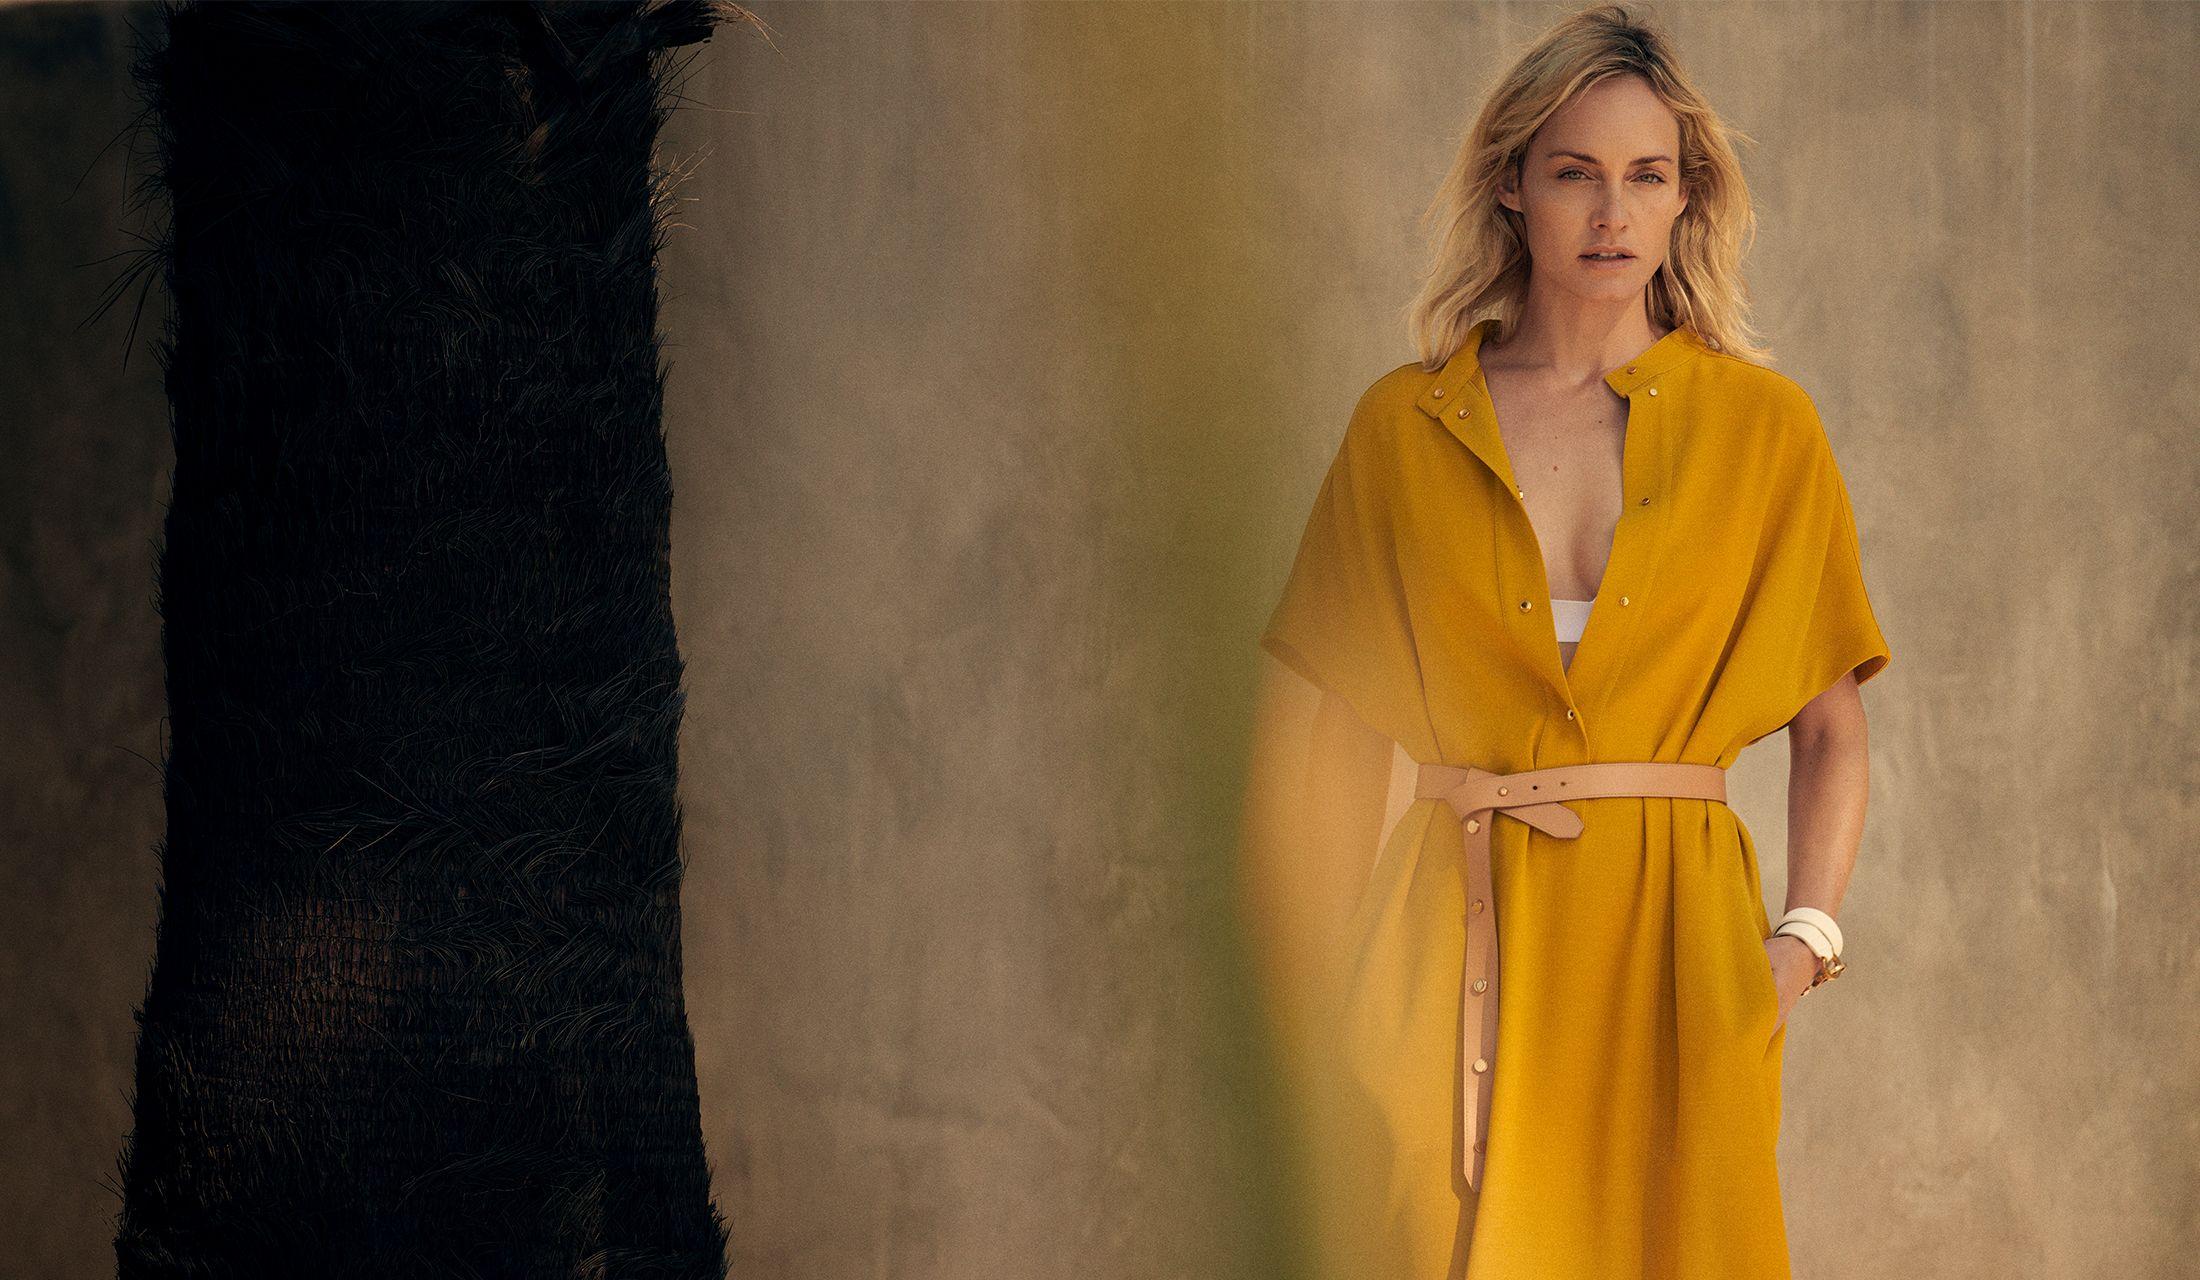 アニオナのデジタルキャンペーンのモデル、アンバー・ヴァレッタ